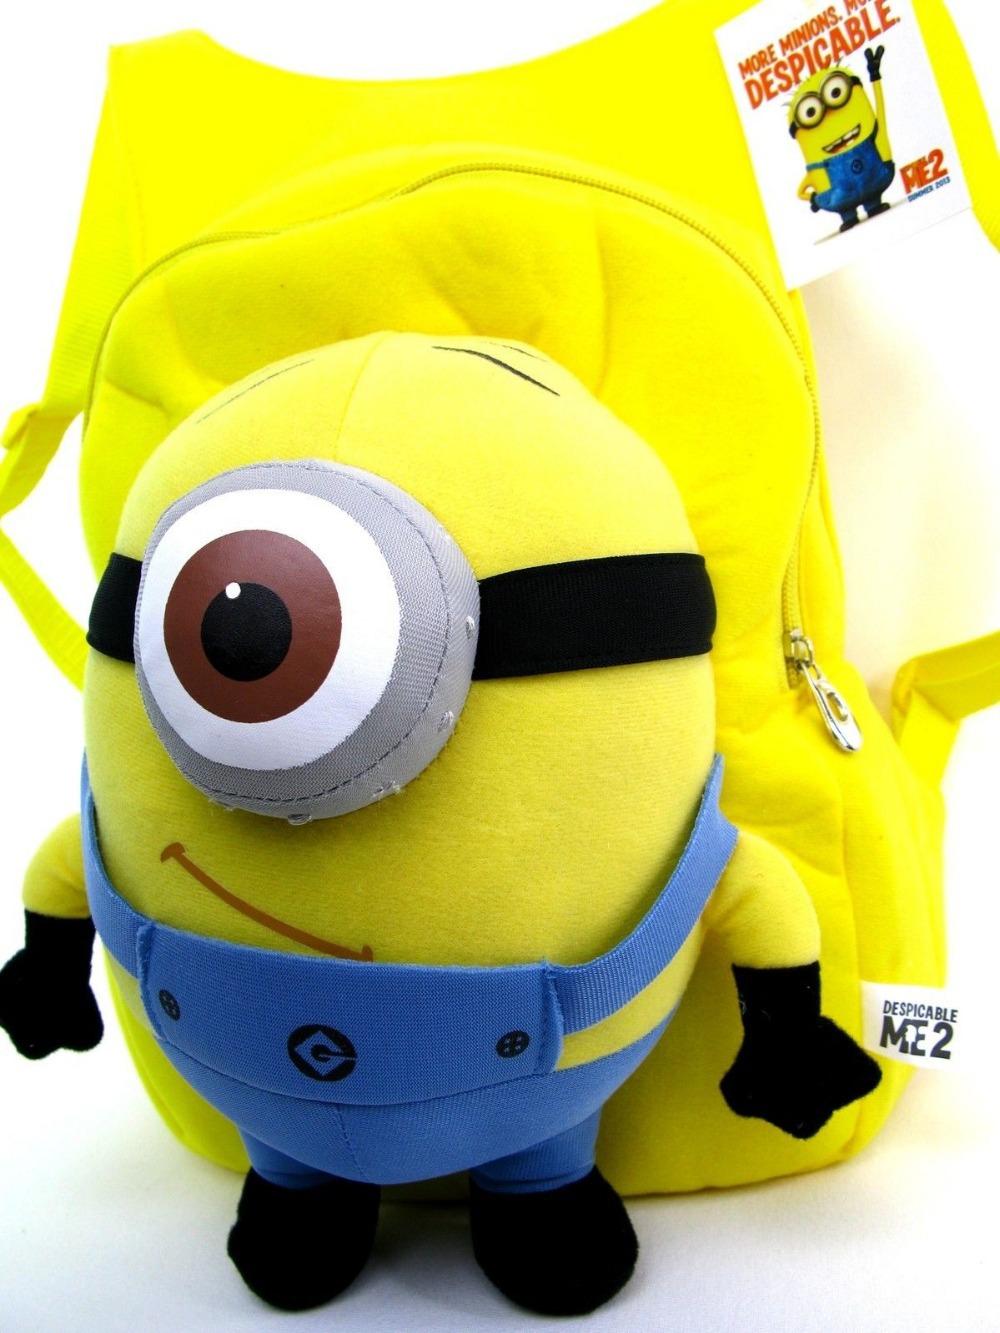 Новые 8 стилей плюшевые рюкзаки миньон гадкий я рюкзак 3d глаз для малыша